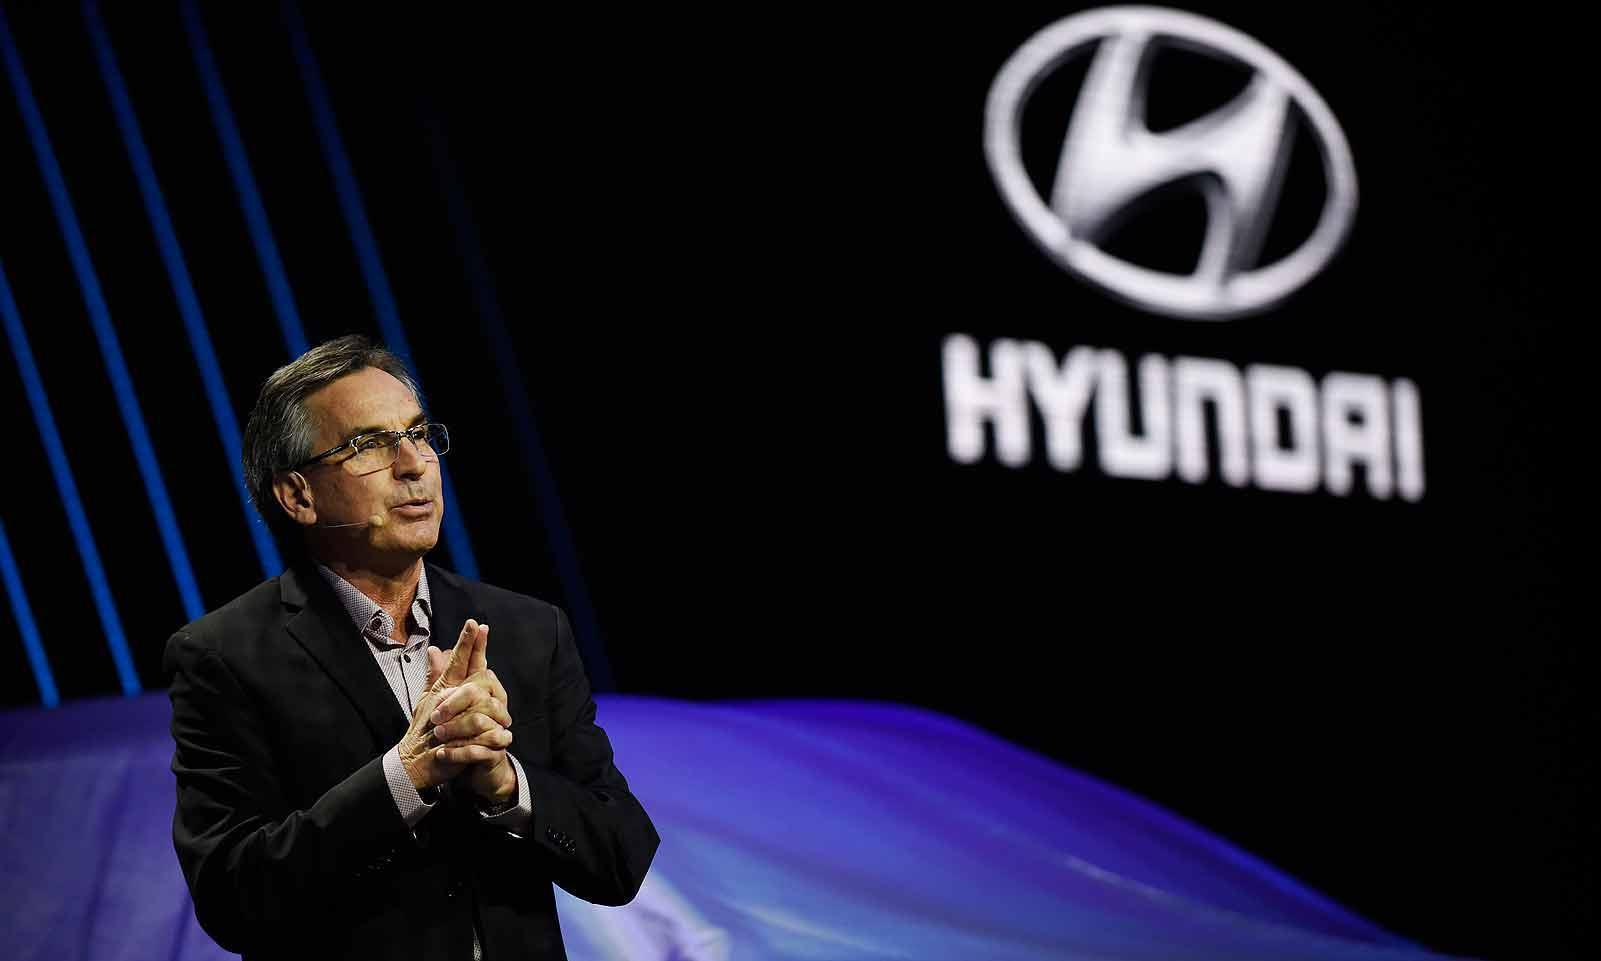 现代汽车美国分公司首席运营官布莱恩·史密斯